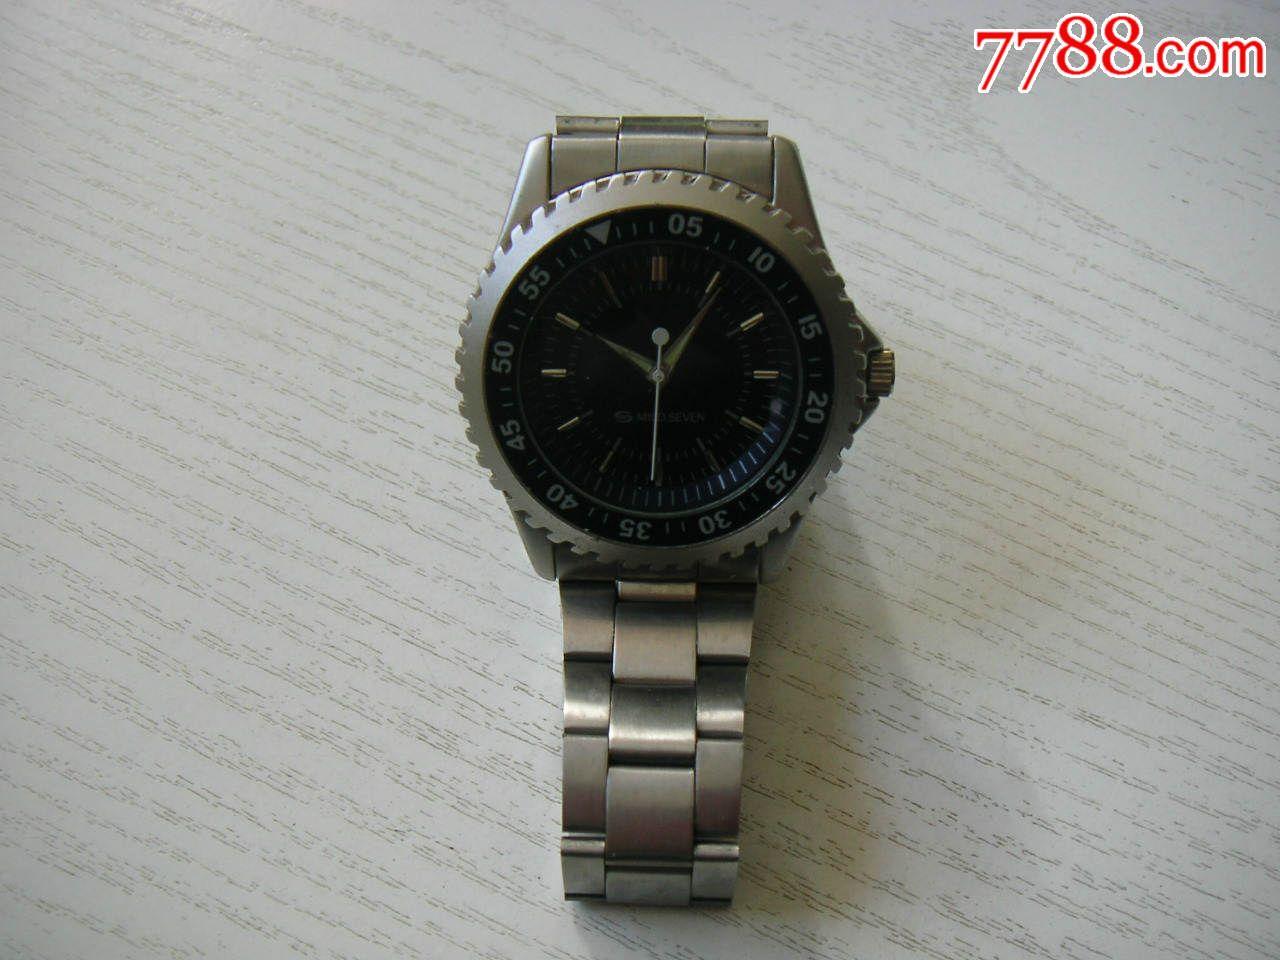 【日货】mildseven日本柔和七星男式手表,走时精准